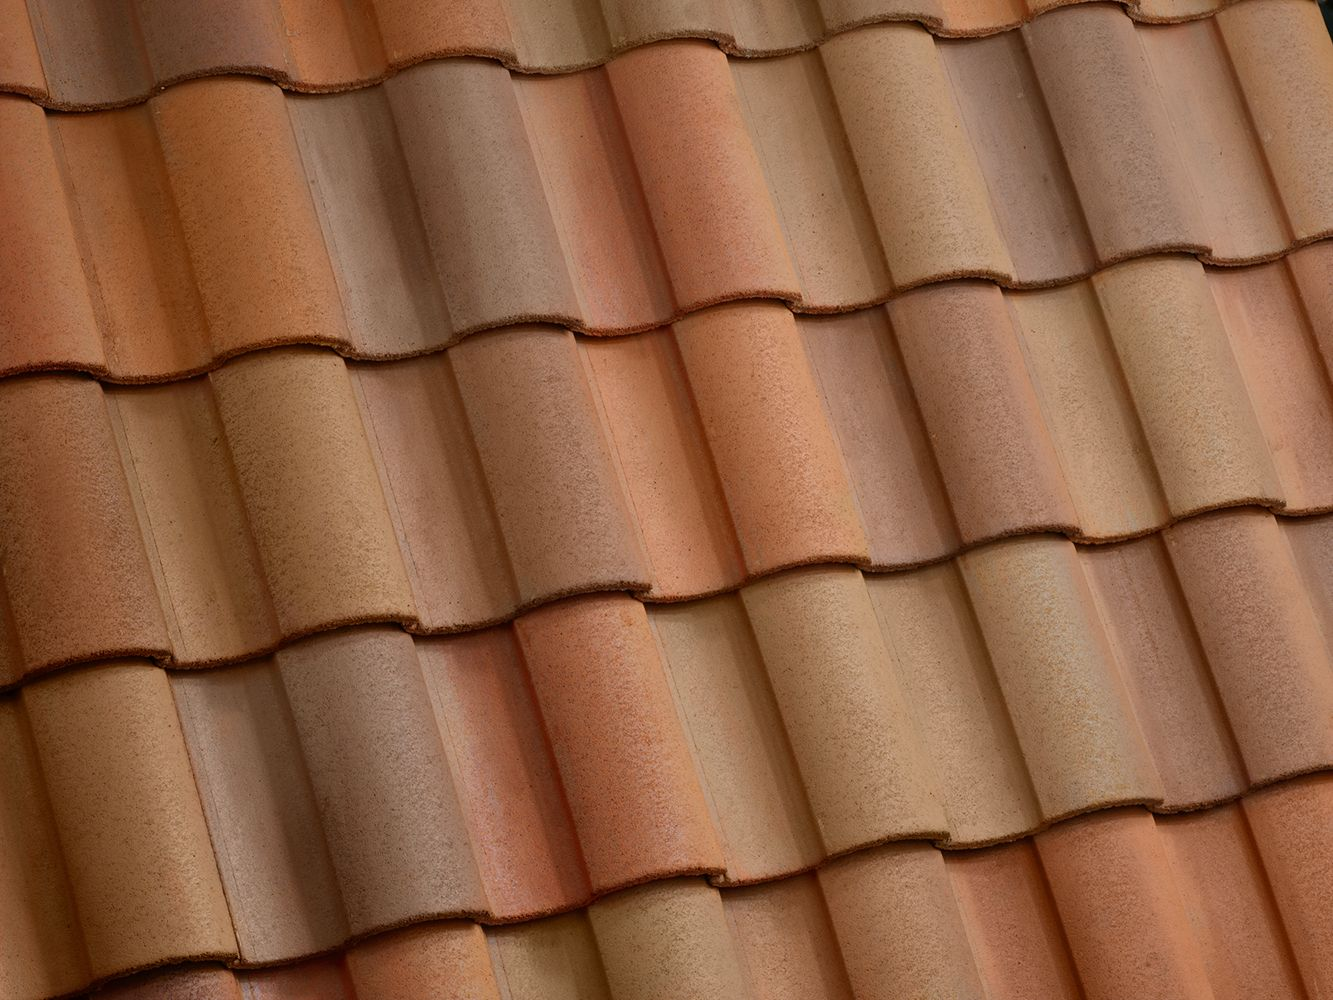 Scc8806 Jpg 1 333 1 000 Pixels Concrete Roof Tiles Roof Tiles Roof Colors